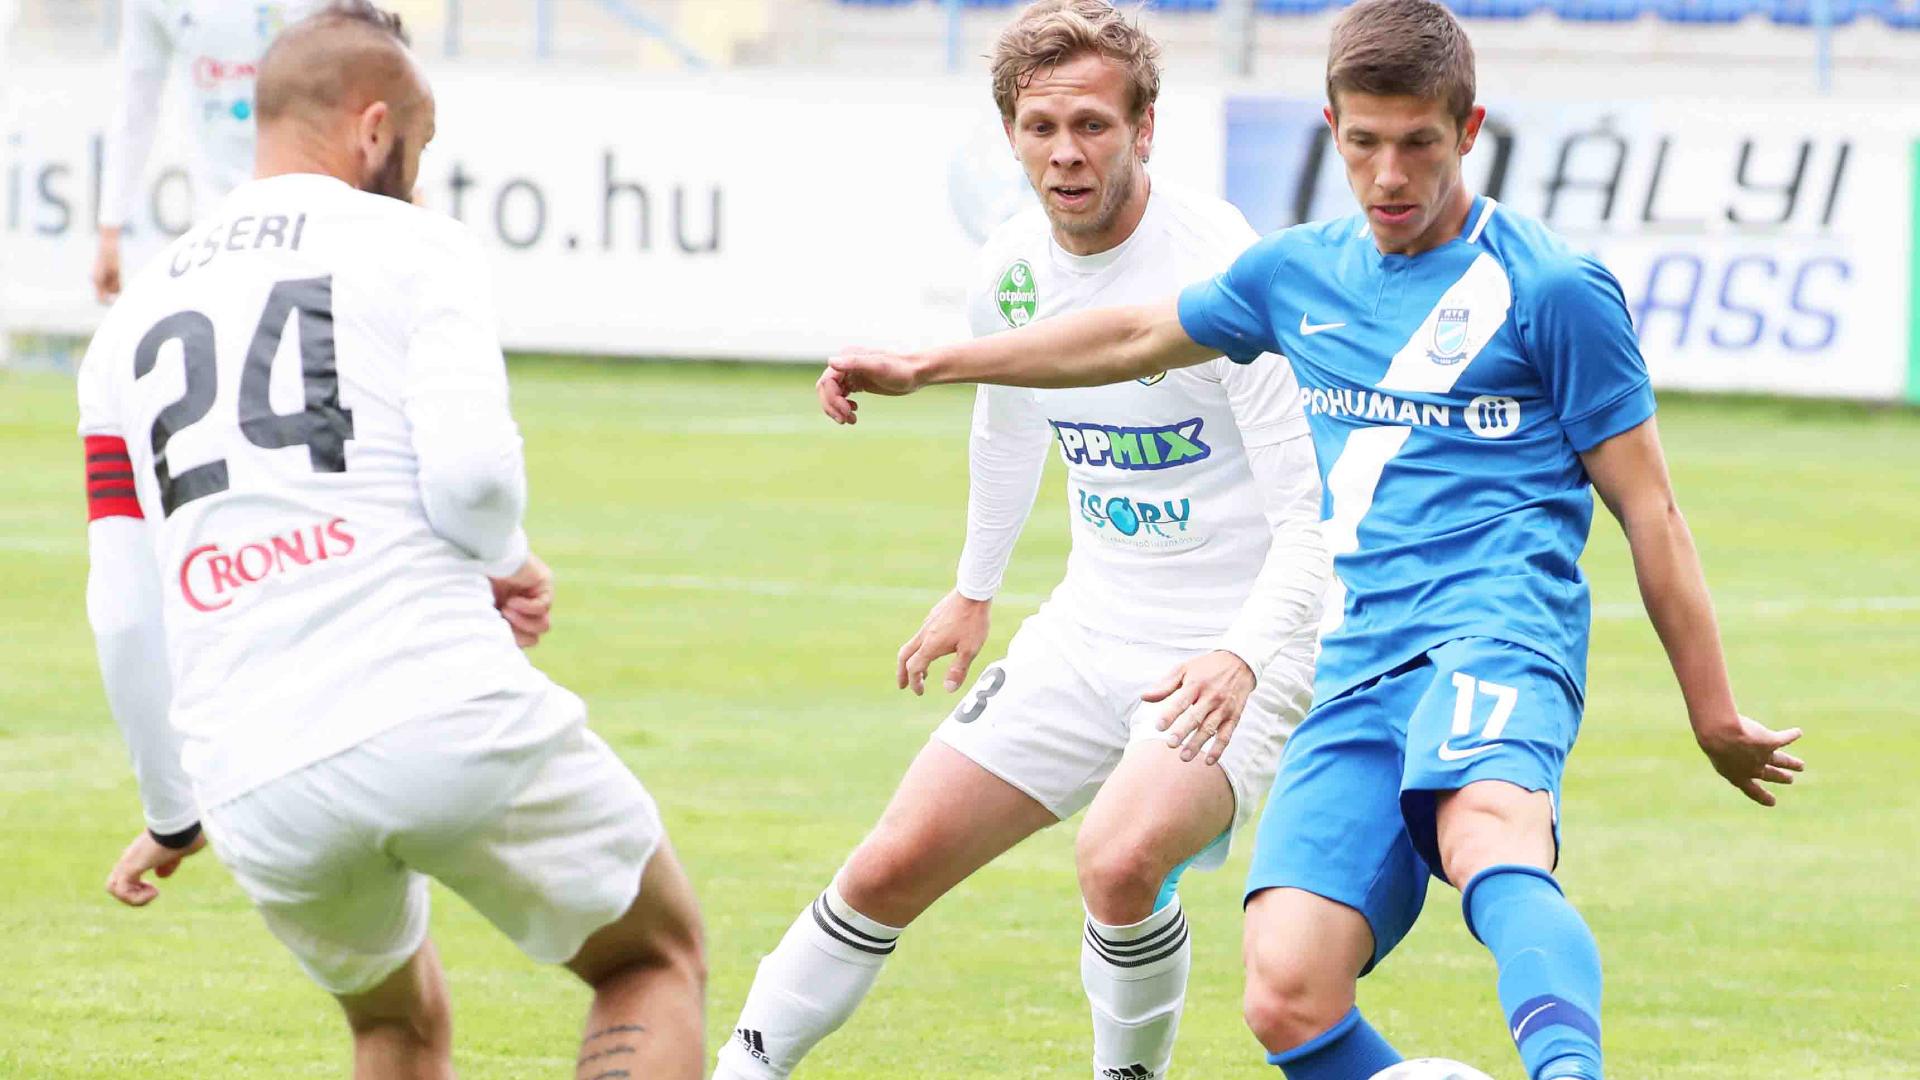 Bemutatjuk szombati ellenfelünket: Amit a Mezőkövesd Zsóry FC-ről tudni kell